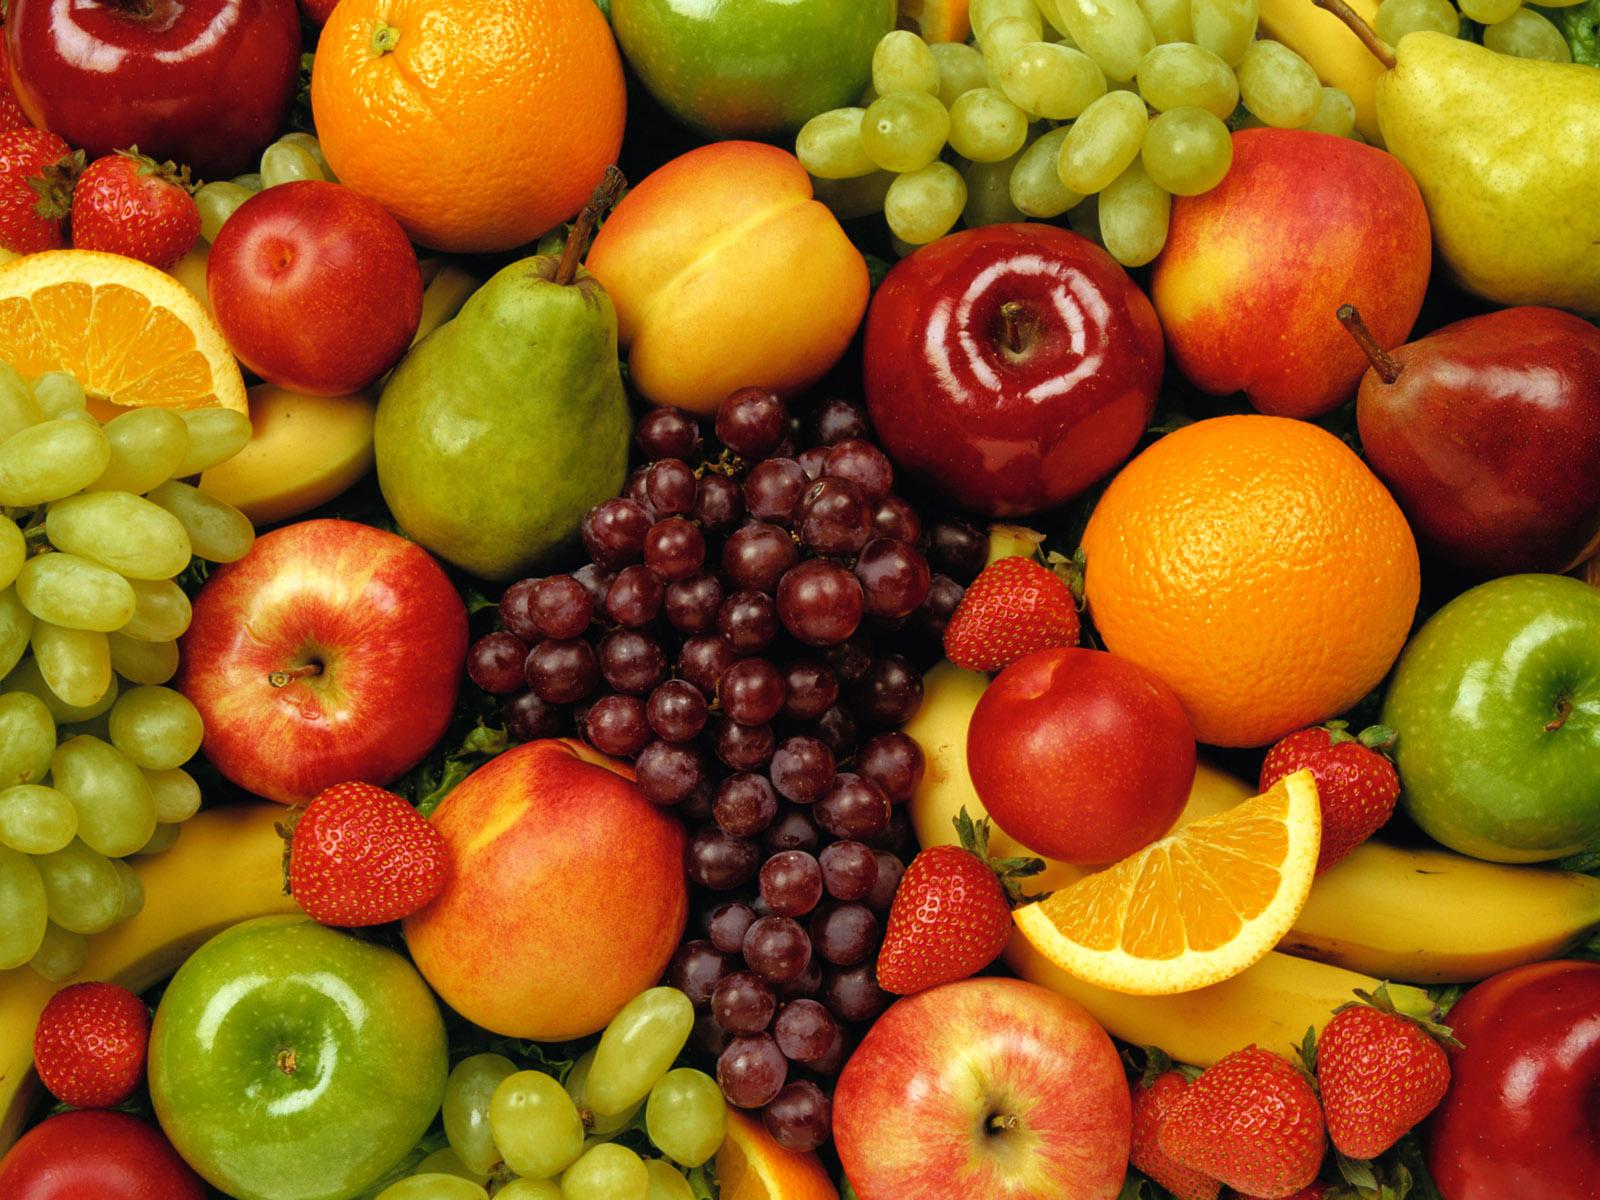 Yemək zamanı tükədilən meyvə